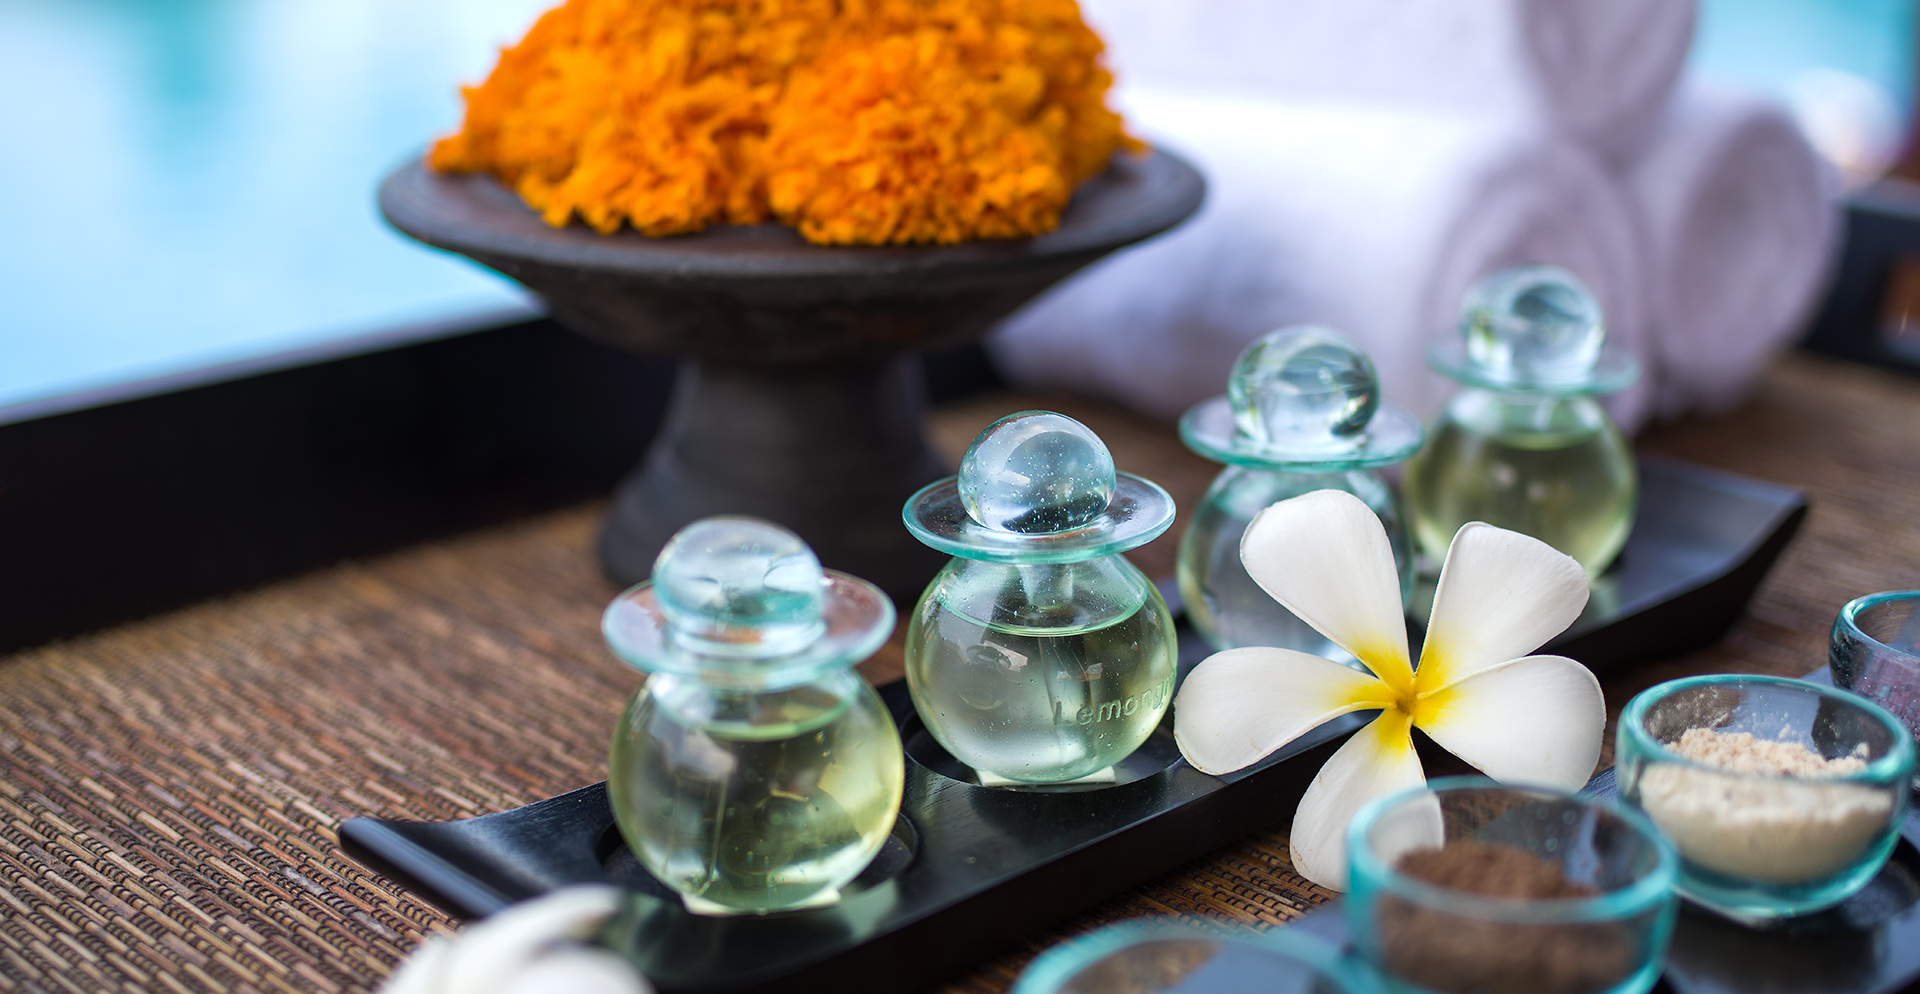 Lowongan Spa Therapist Bali Niksoma Boutique Beach Resort